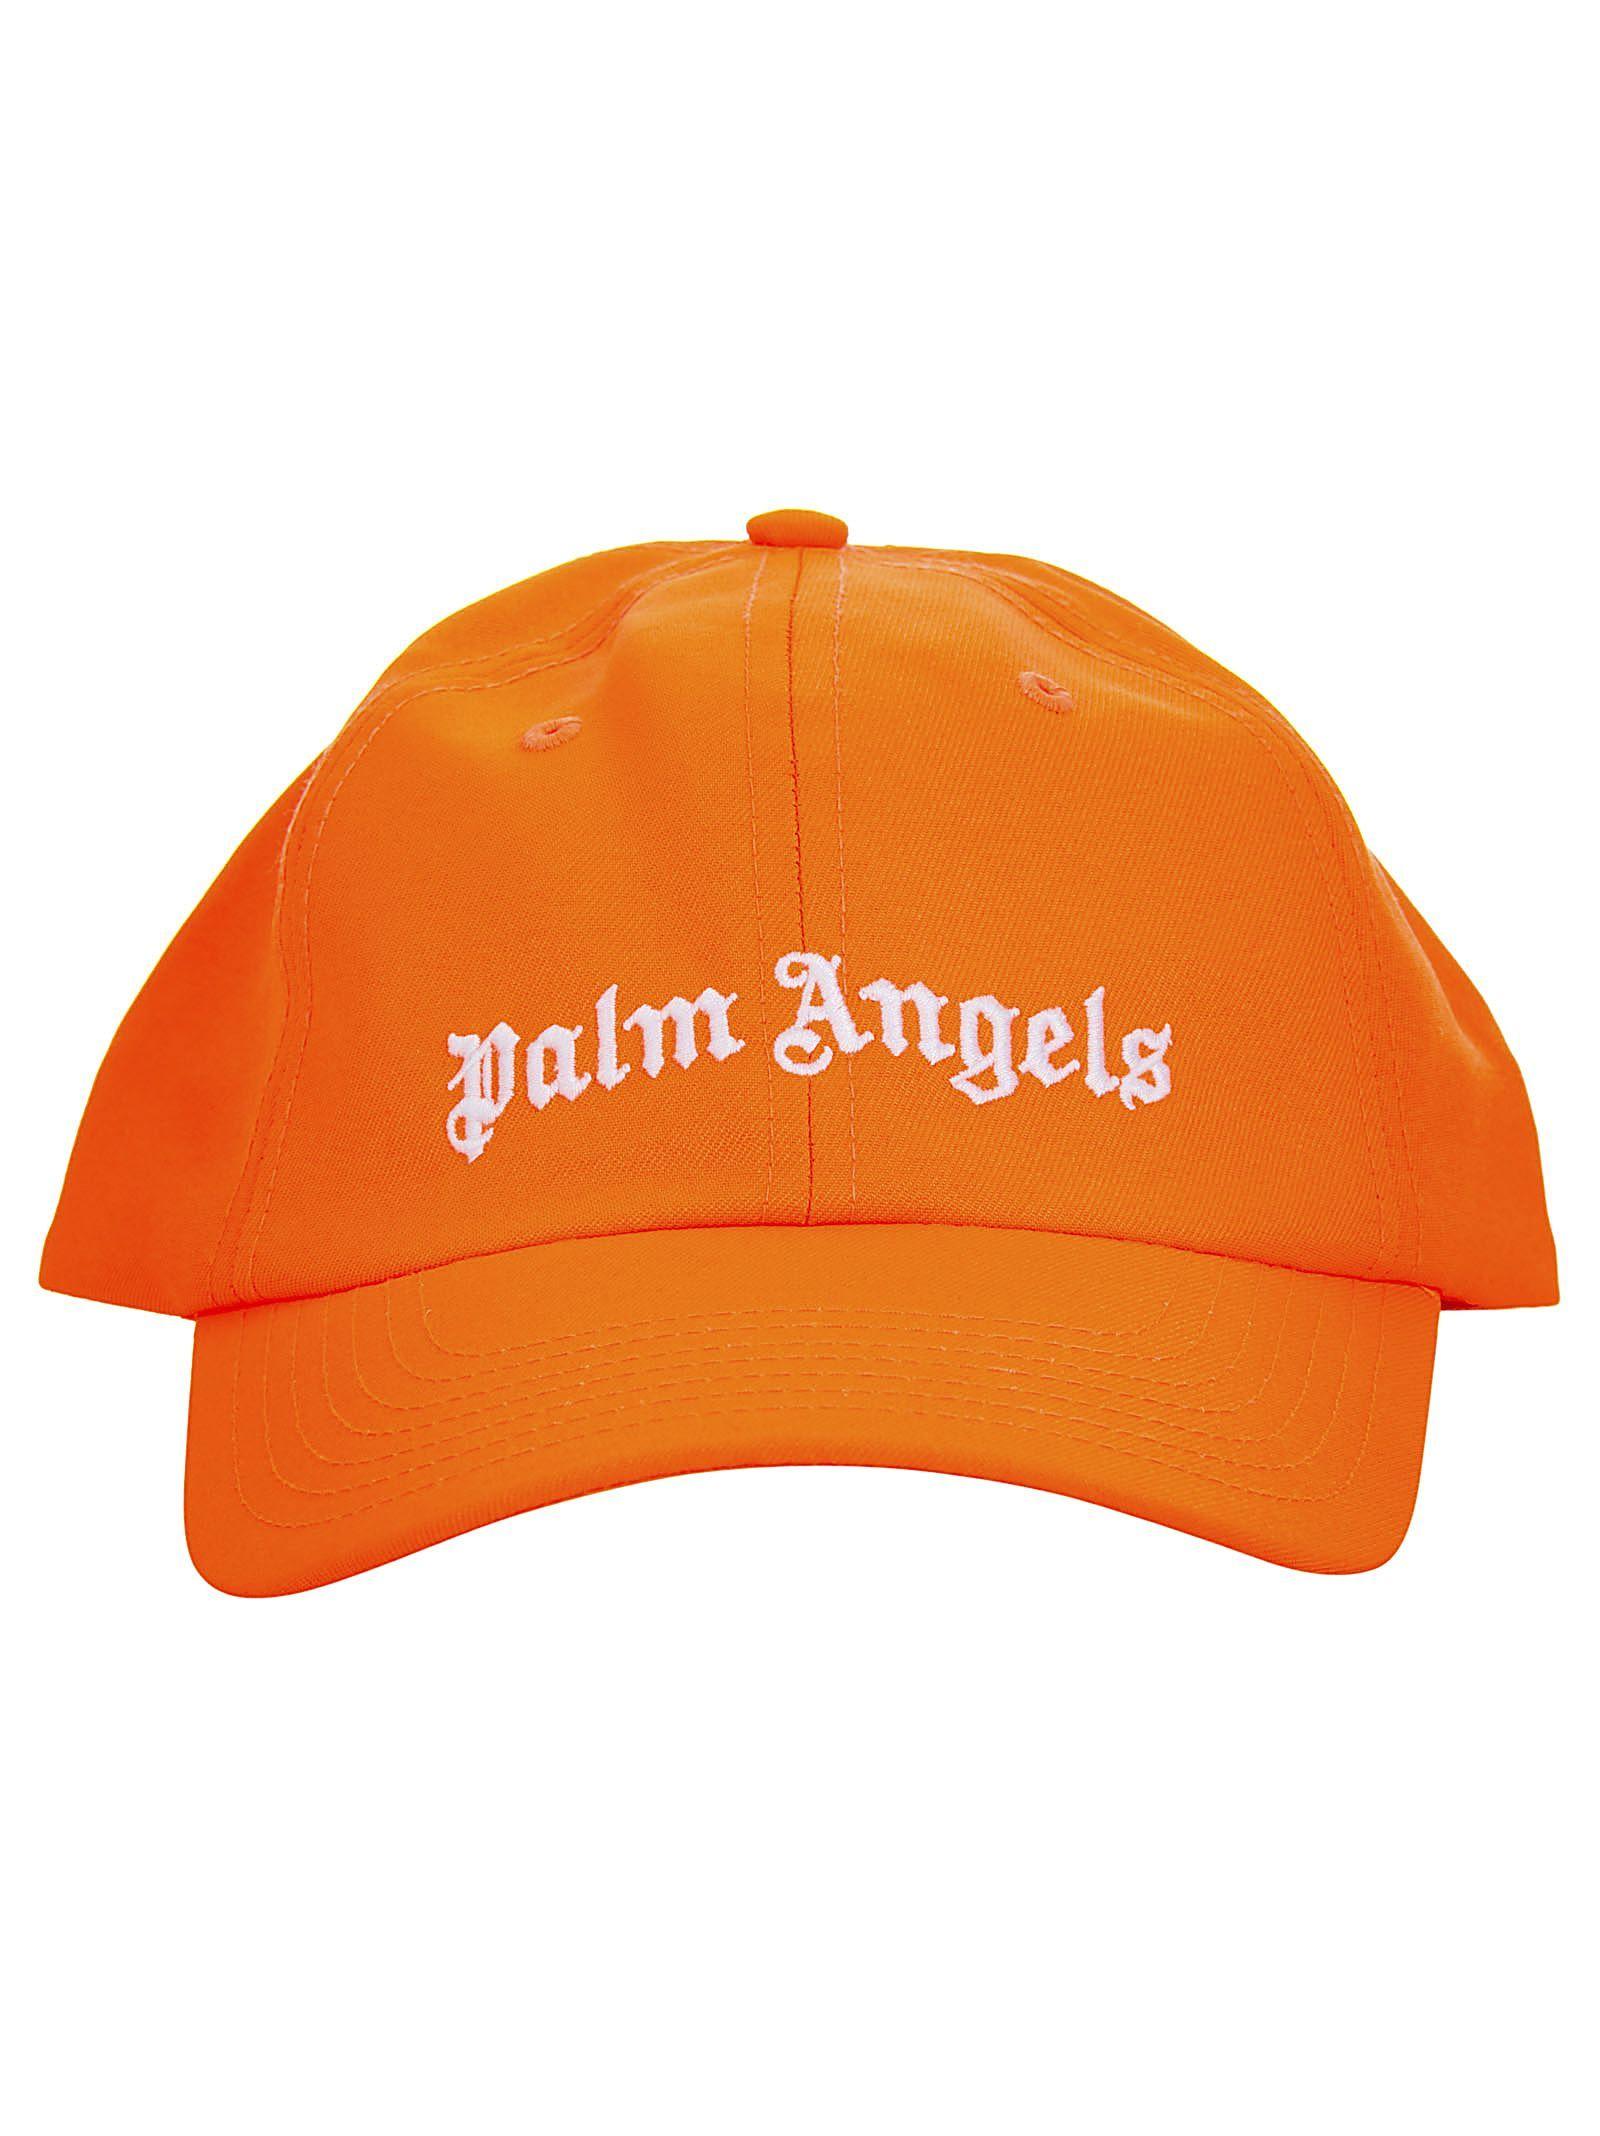 c46d344ccde PALM ANGELS LOGO CAP.  palmangels